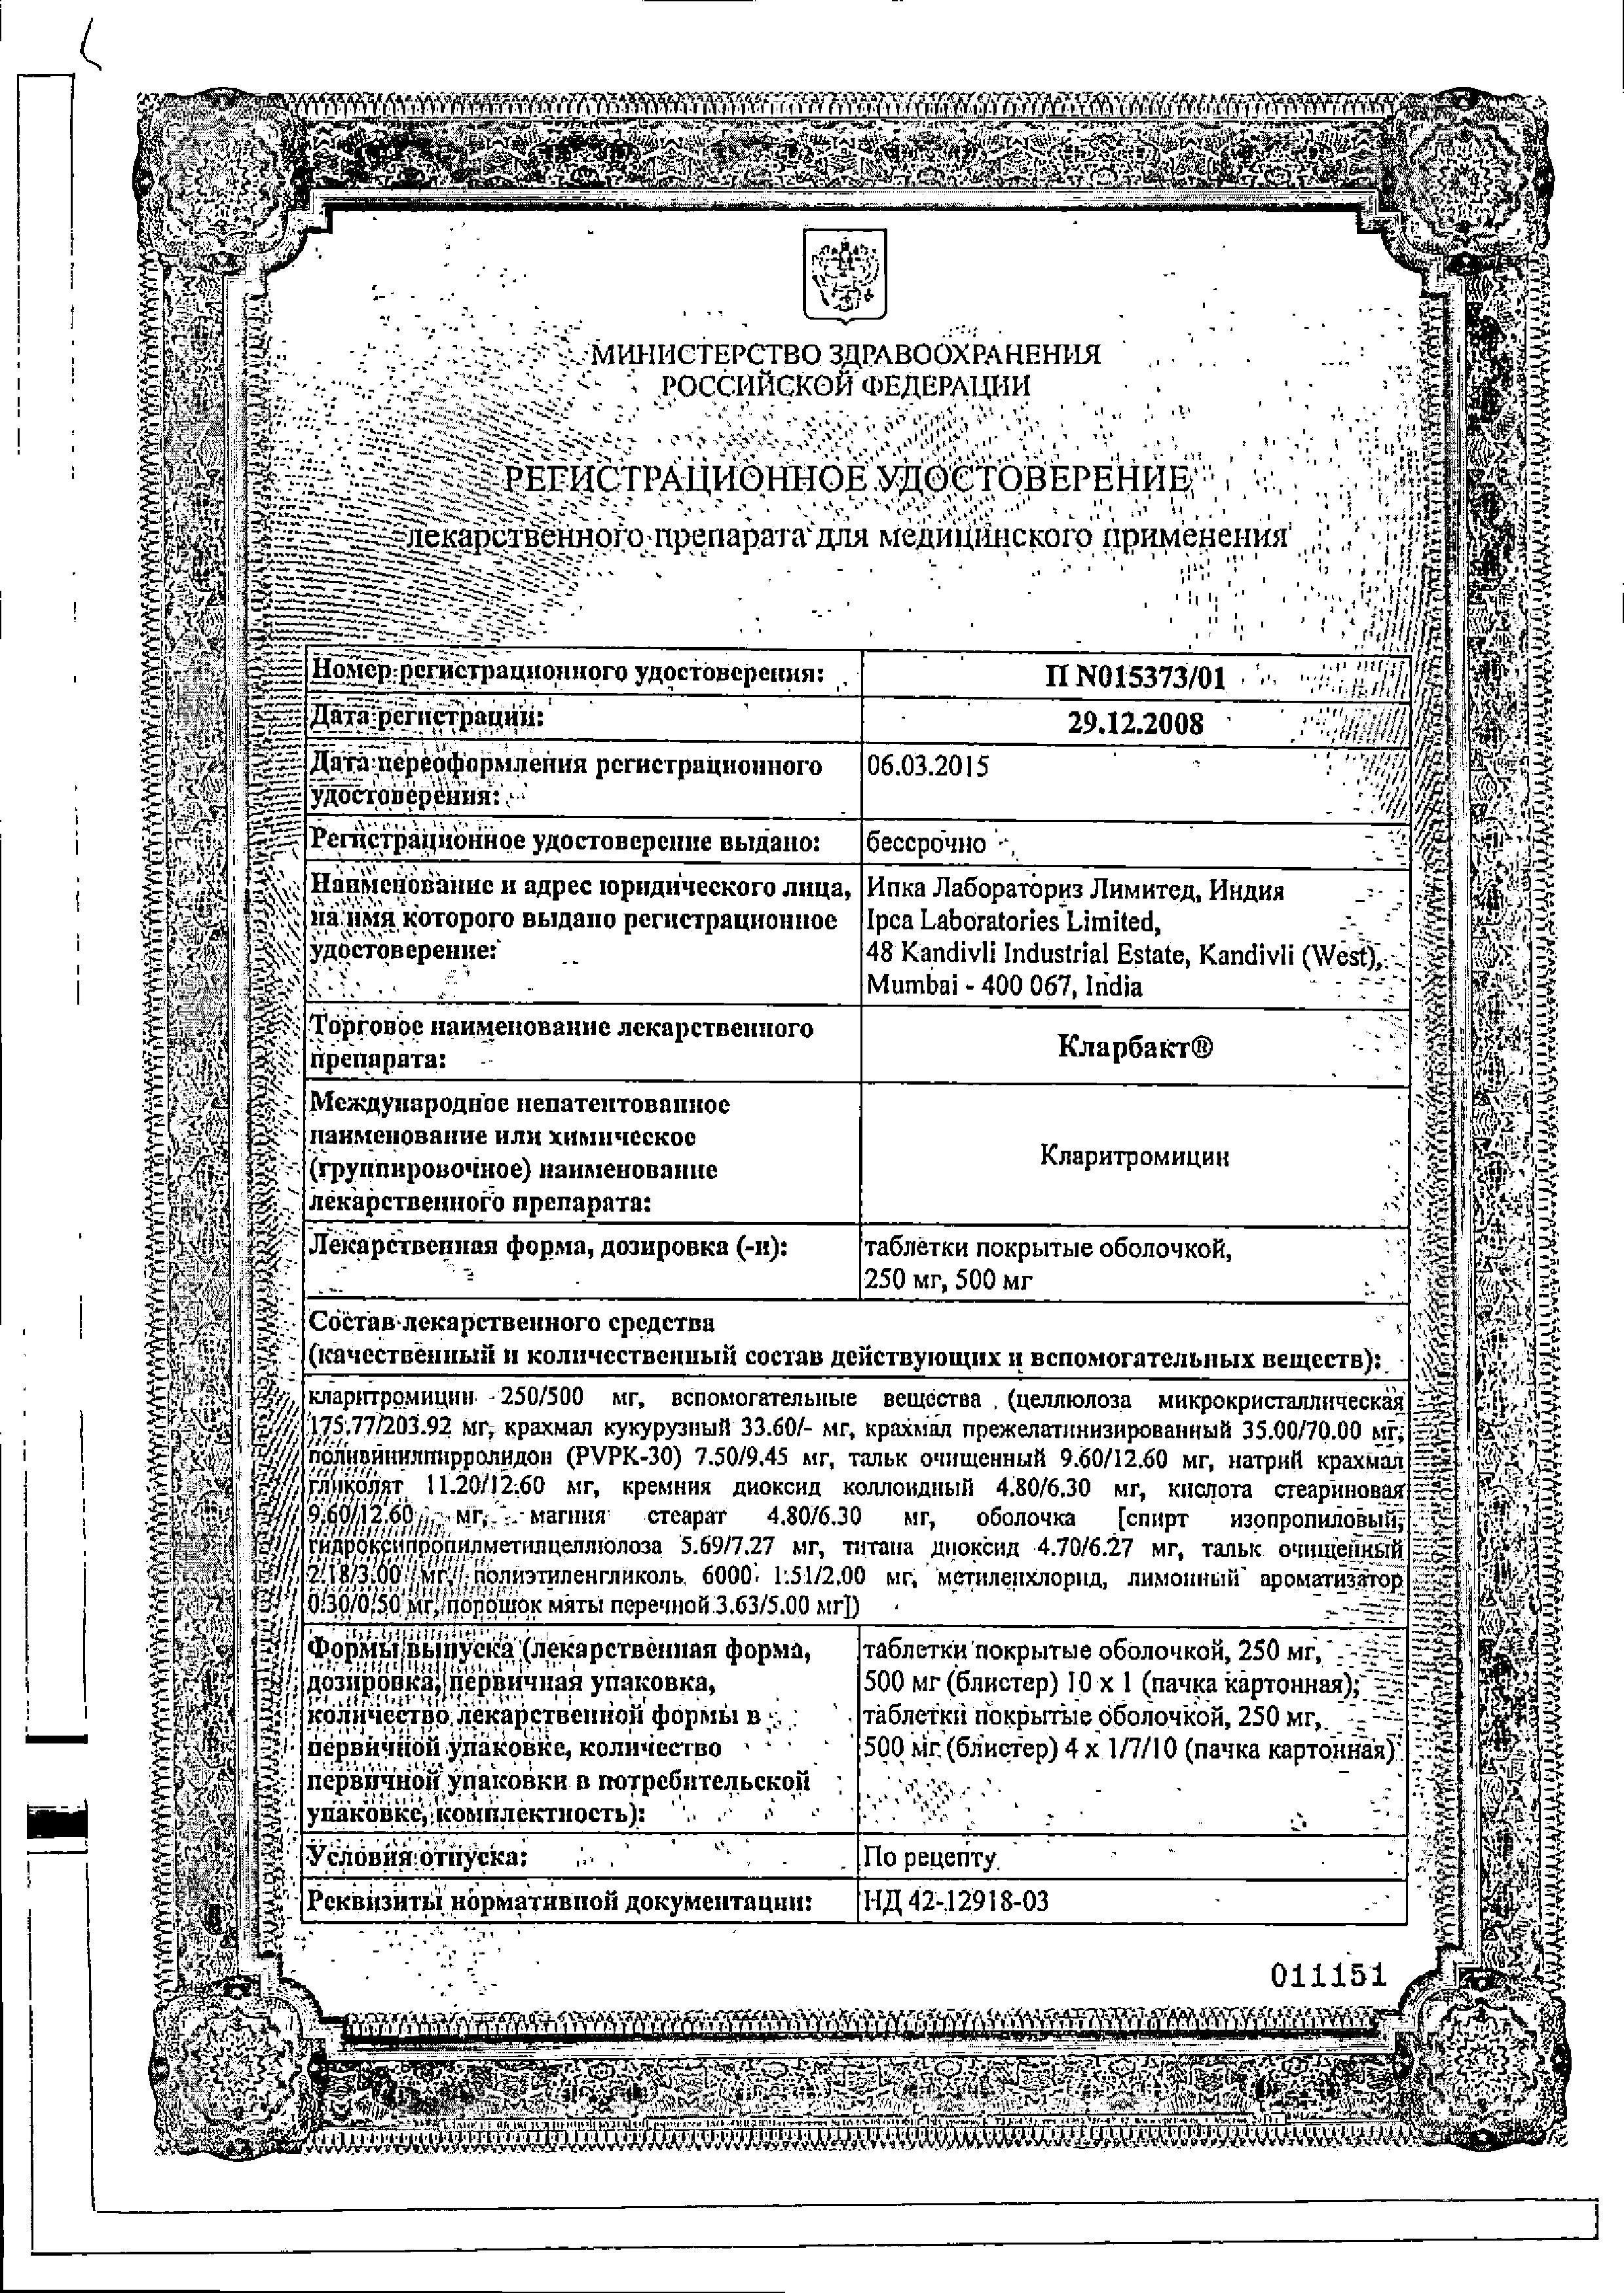 Кларбакт сертификат